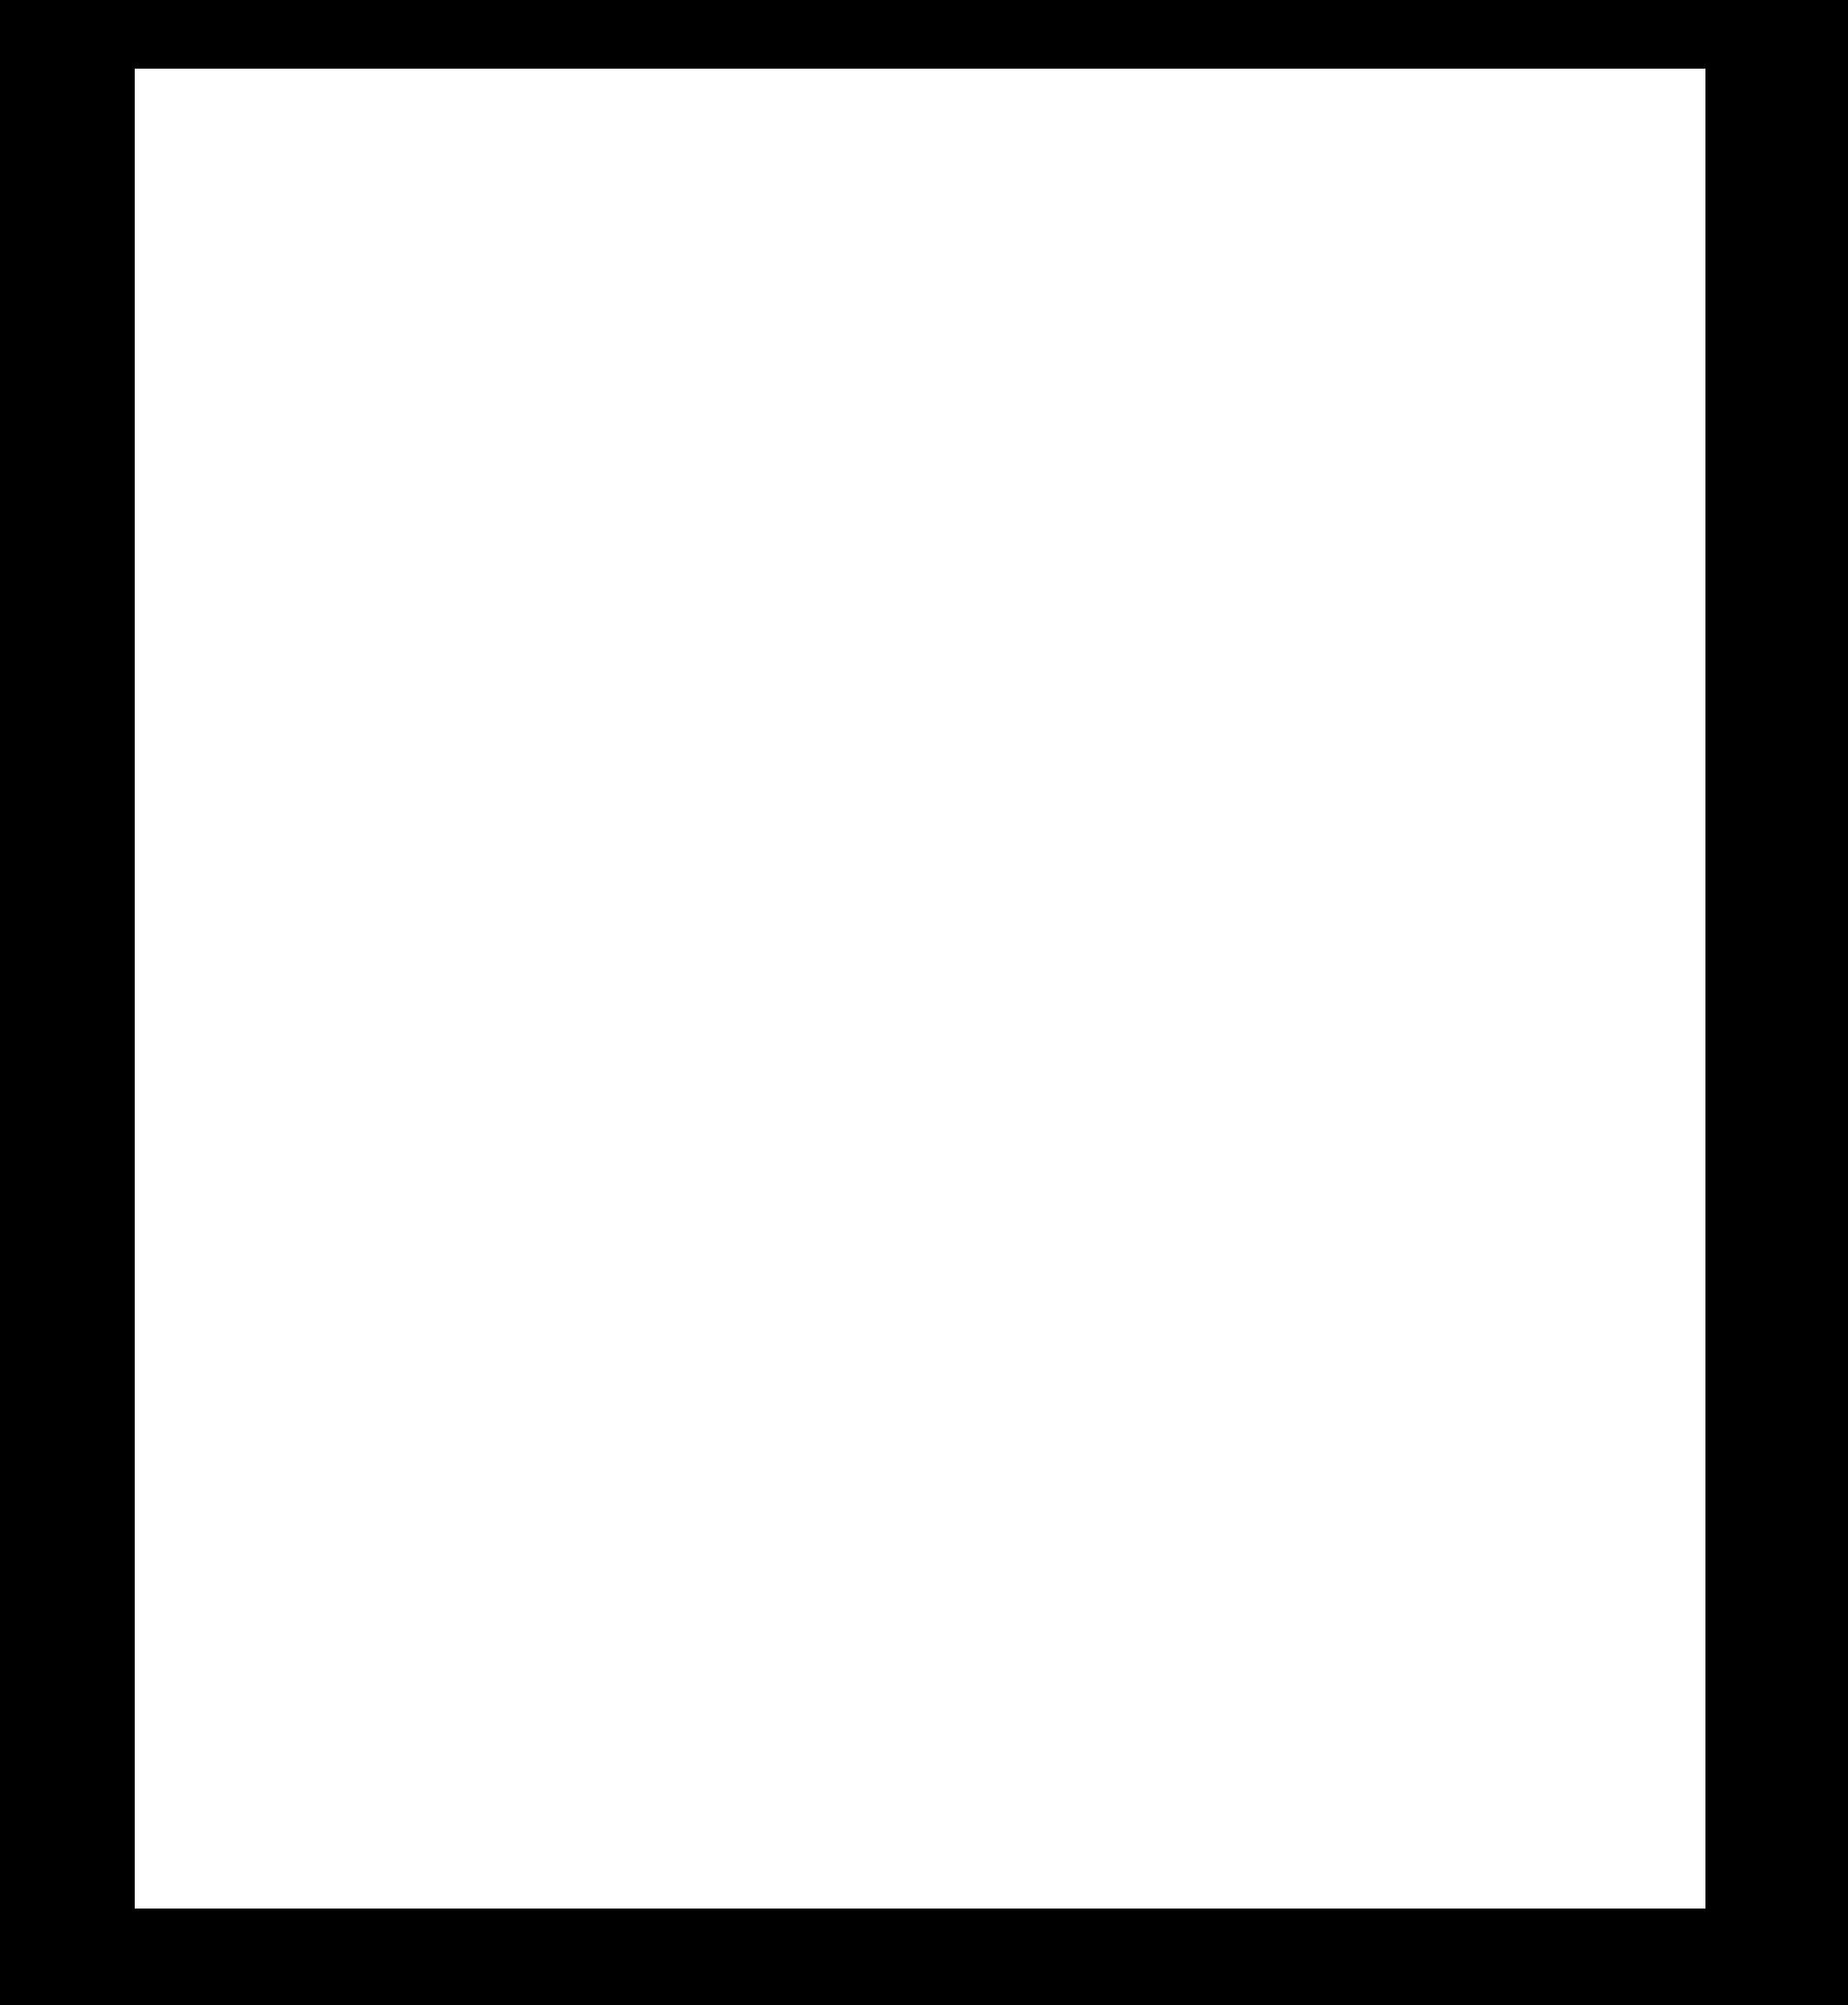 light-up collective works with Nederlands Filmfestival